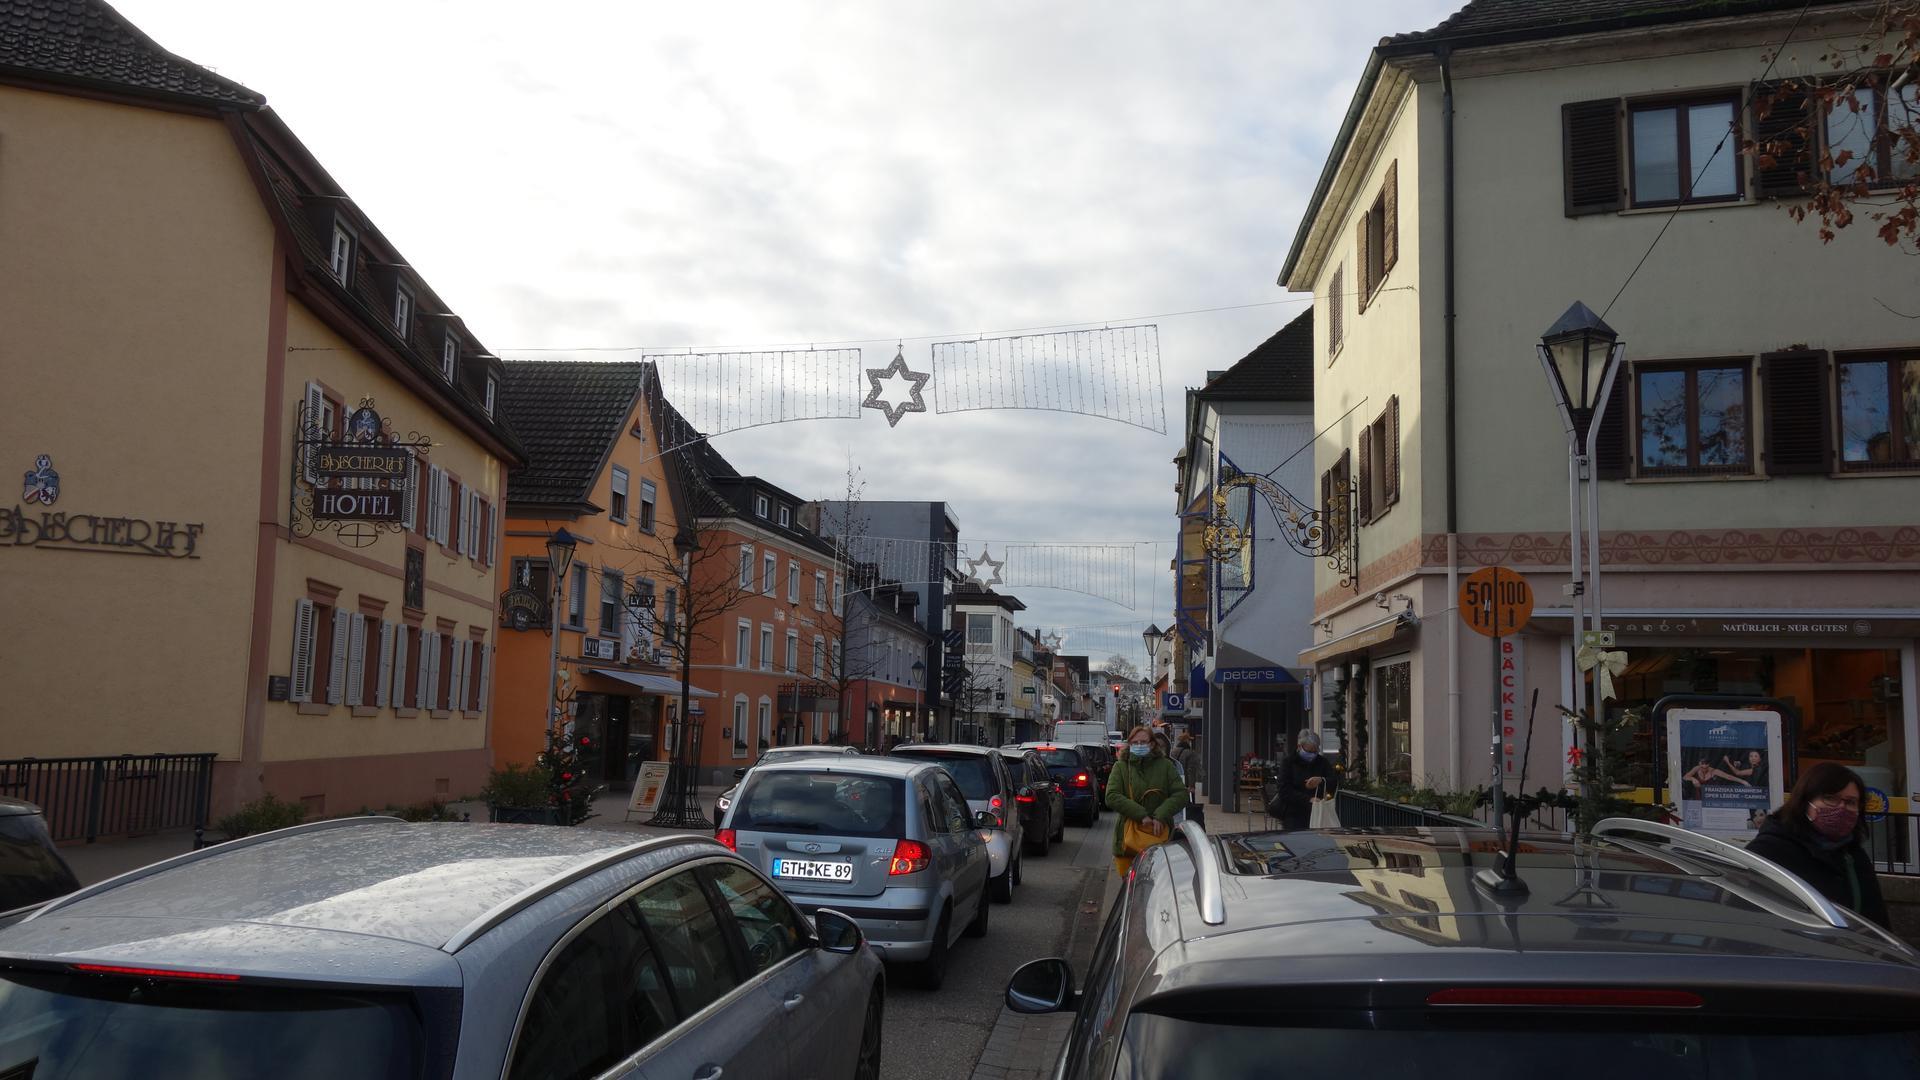 Auto an Auto: Schon am Vormittag zog es viele Kunden in die Bühler Innenstadt. Dort ging es wegen des hohen Verkehrsaufkommens zeitweise nur noch Stop-and-Go.